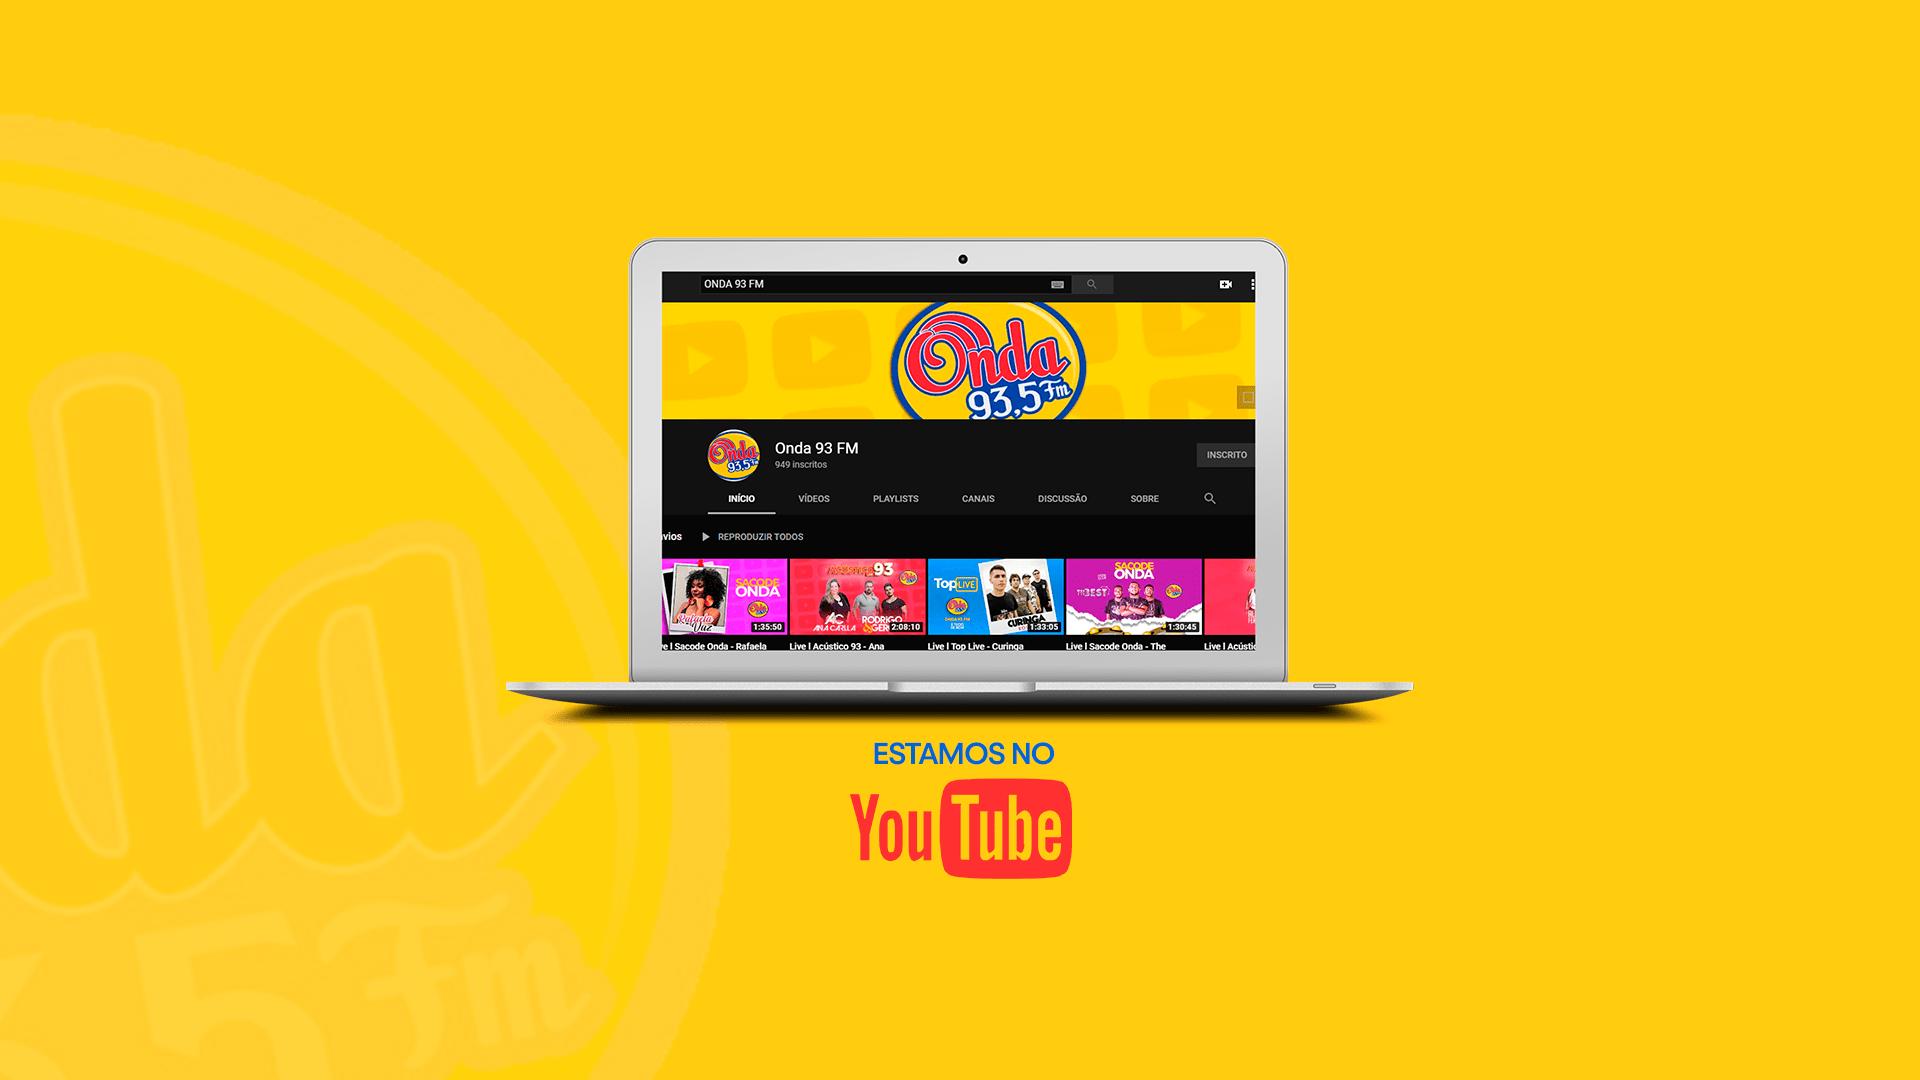 Estamos no Youtube